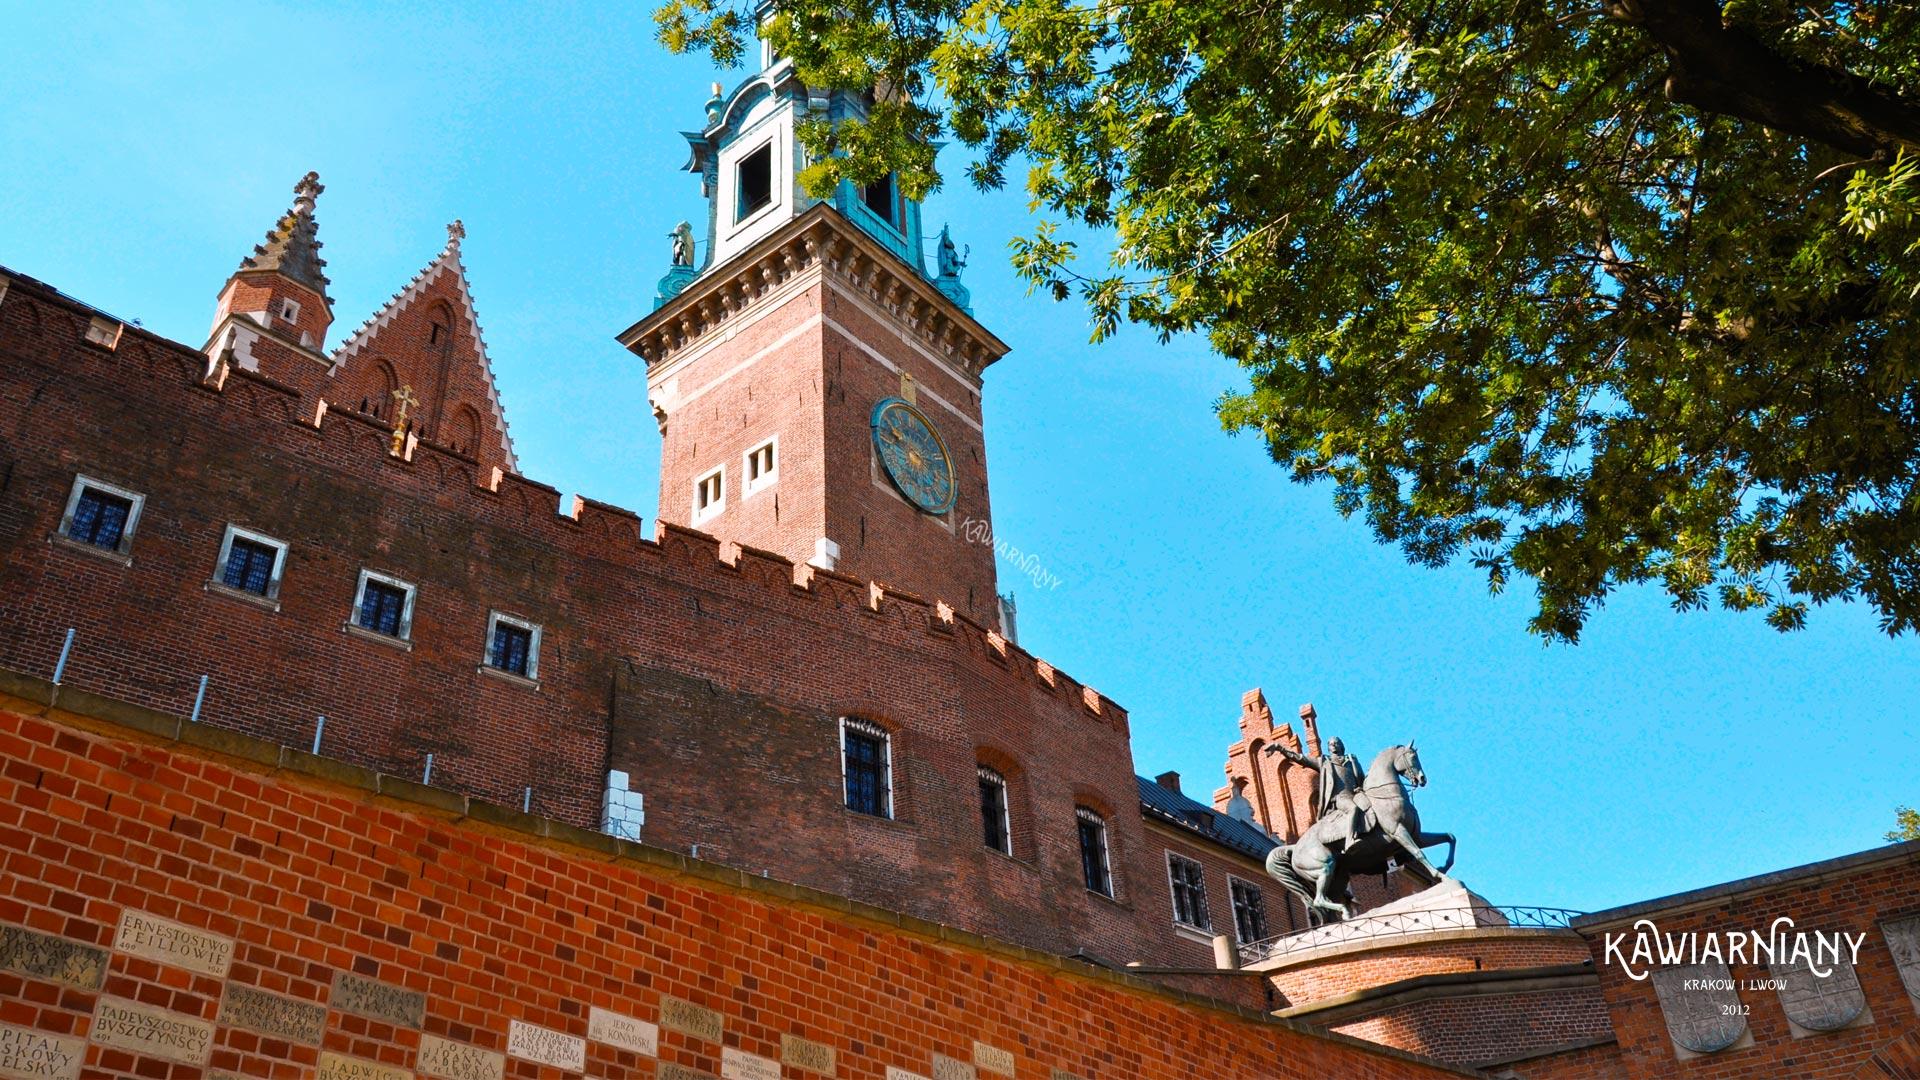 Zamek królewski w Krakowie to? Odpowiadamy na pytanie!